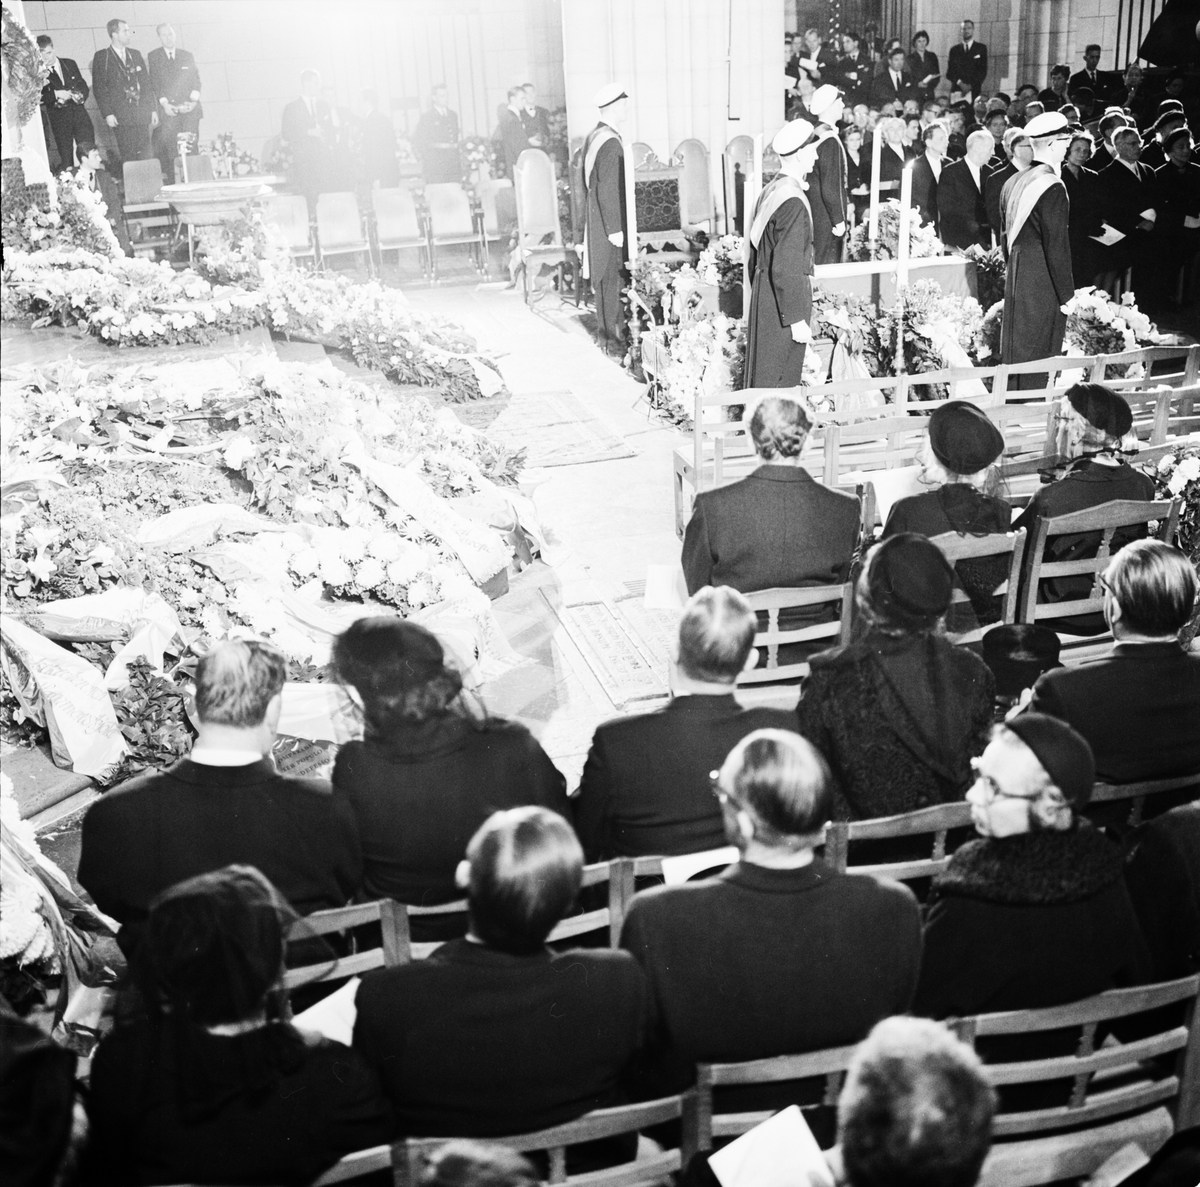 Dag Hammarskjölds begravning, Uppsala domkyrka, 29 september 1961